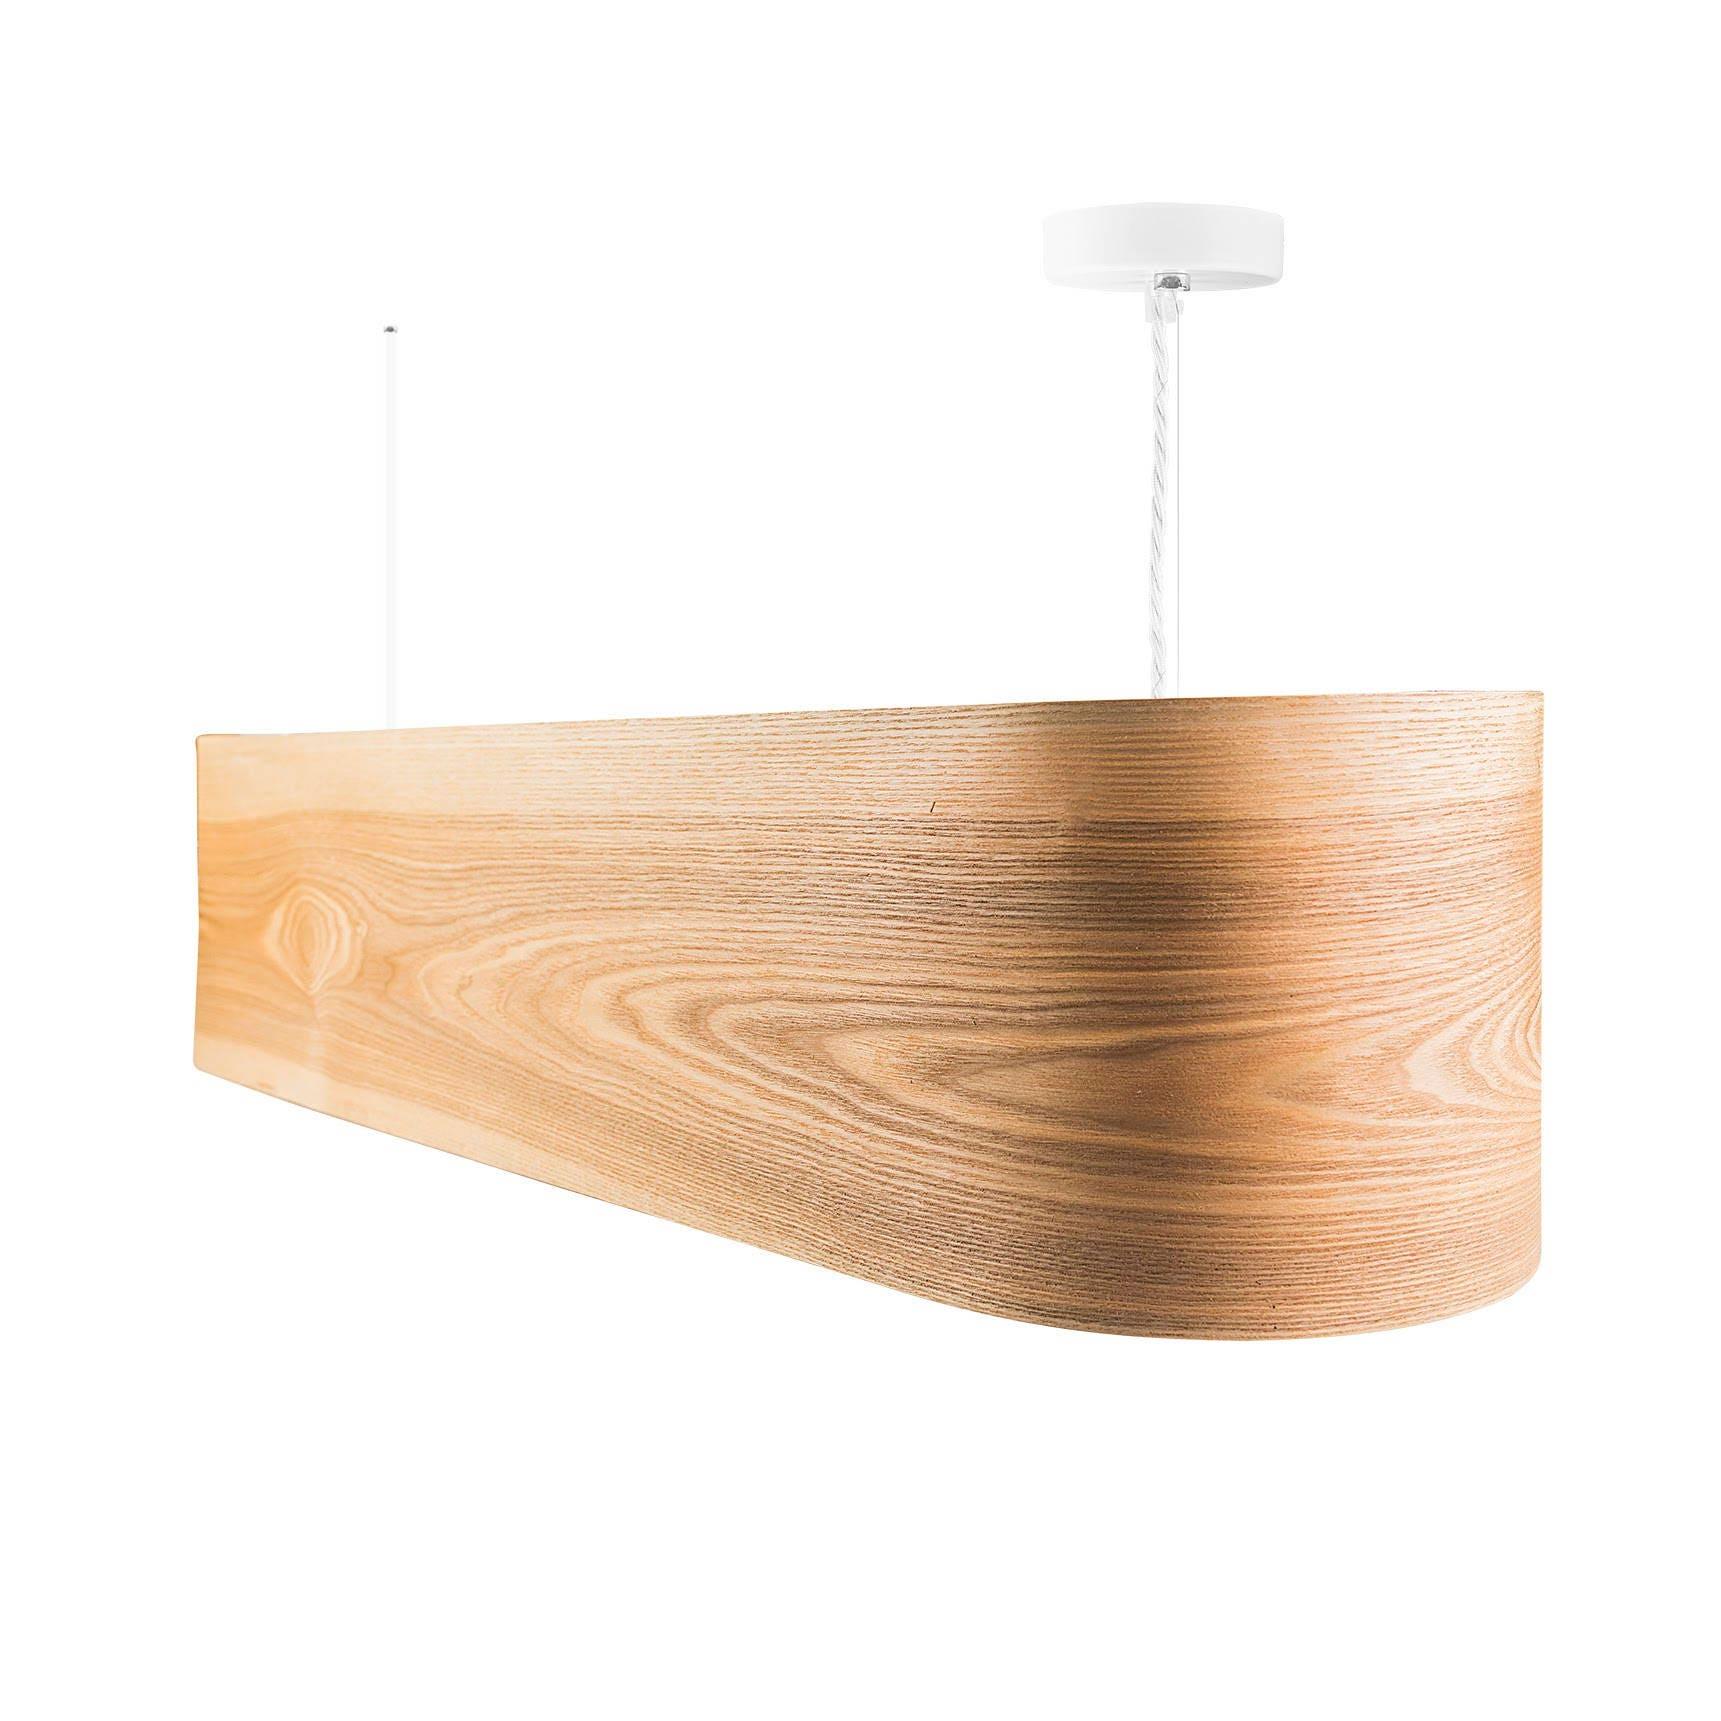 Pendant lamp chandelier ceiling lamp pendant lights veneer pendant lamp chandelier ceiling lamp pendant lights veneer lamp wood pendant lamp pendant lamps heartwood ash mozeypictures Choice Image